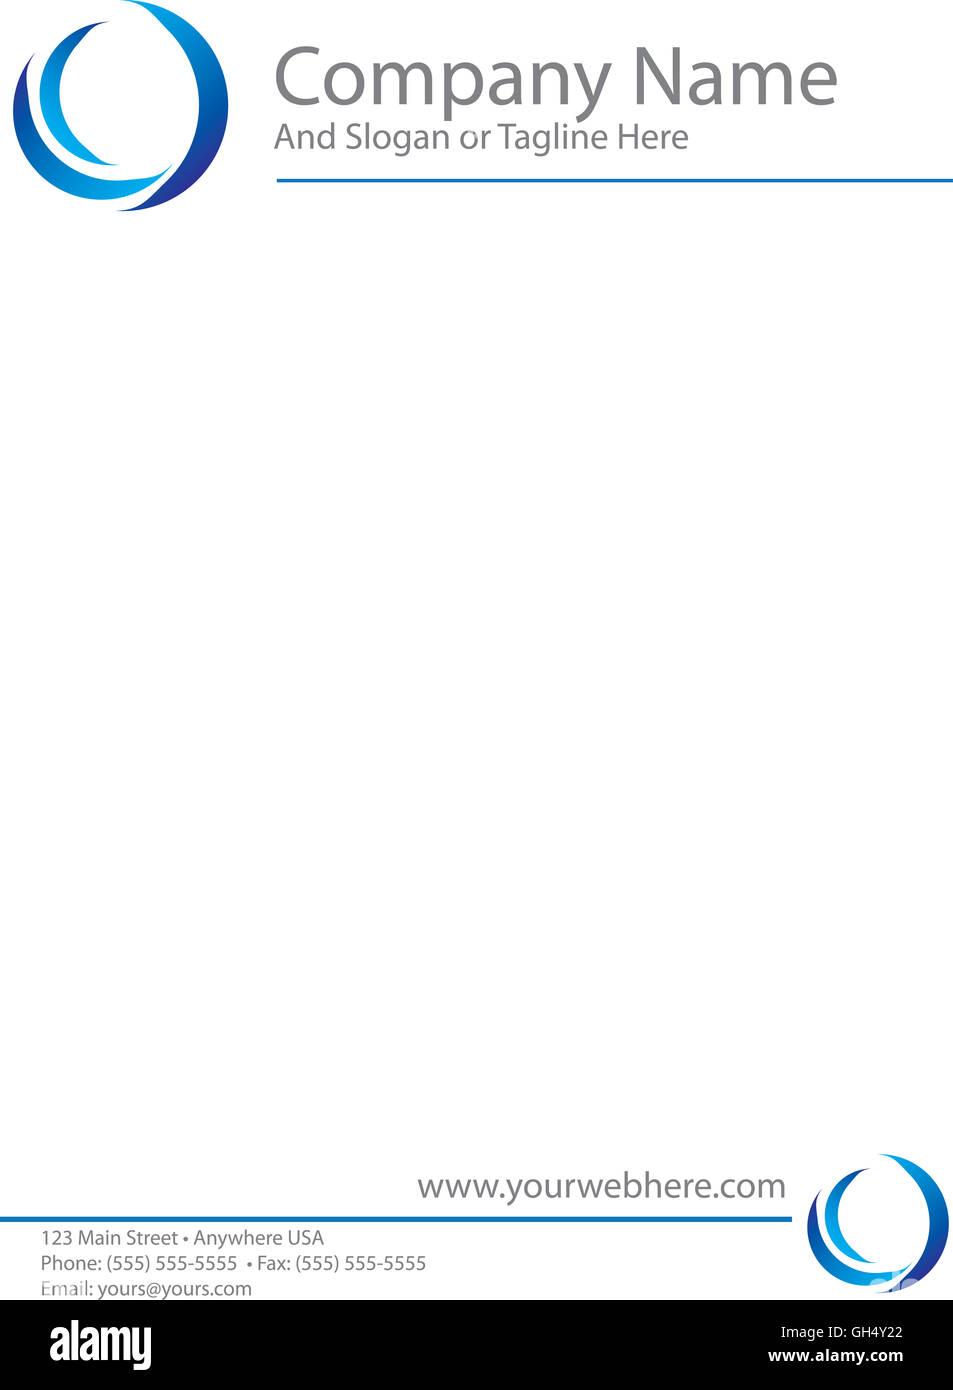 Modele De Papier A En Tete Logo Bleu Photo Stock Alamy